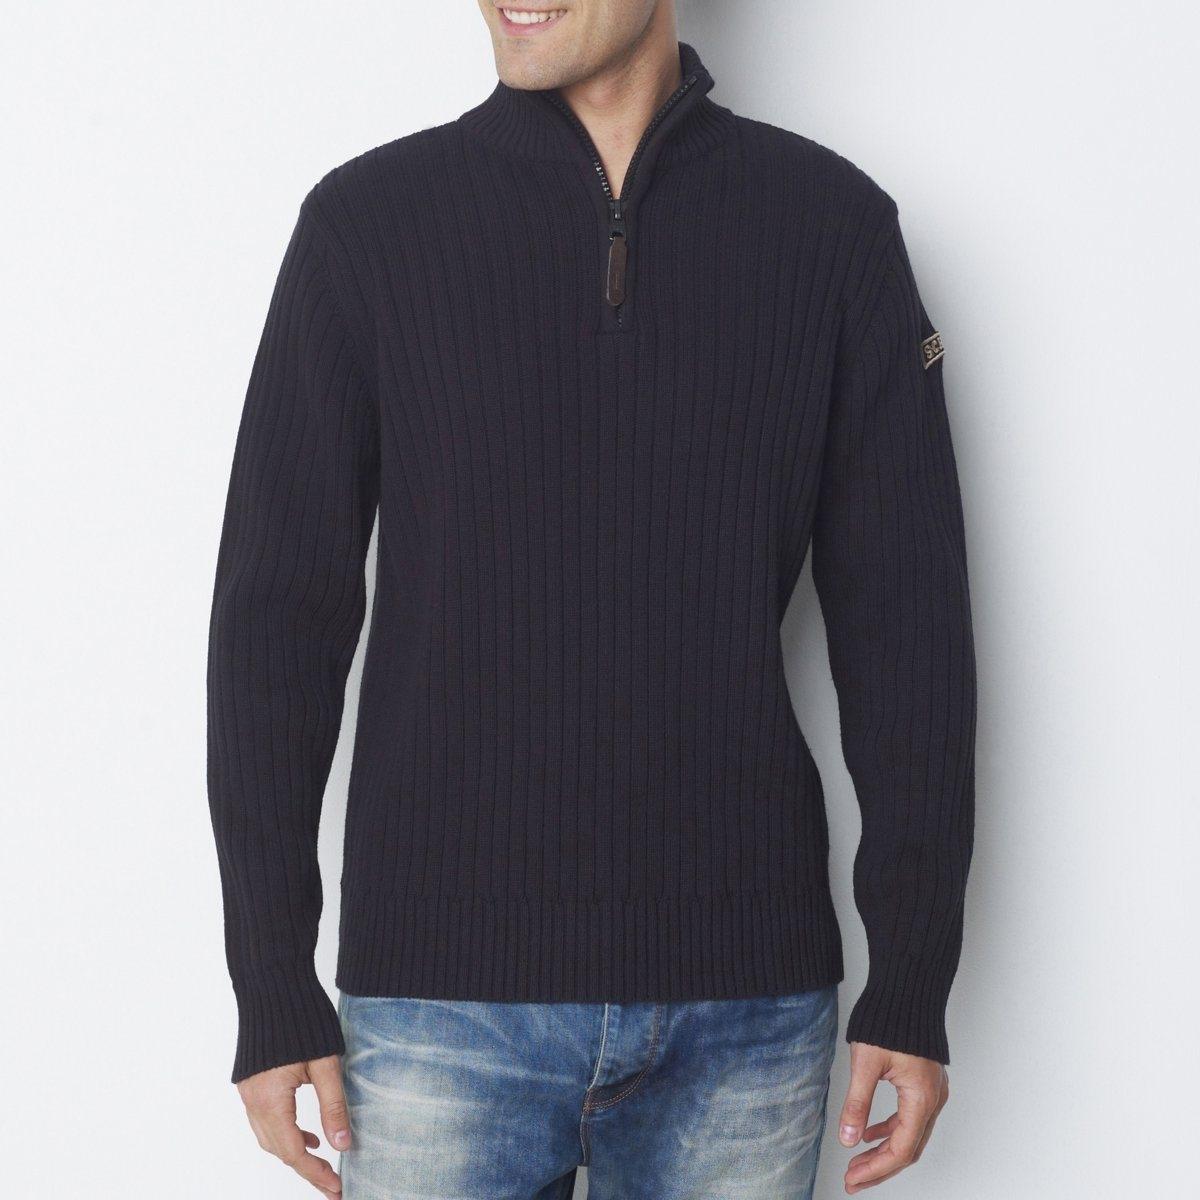 ПуловерПуловер PL RAGE 2 от SCHOTT. 50% хлопка, 50% акрила. Высокий воротник с застежкой на молнию. Стильная модель вне времени!<br><br>Цвет: антрацит,черный<br>Размер: S